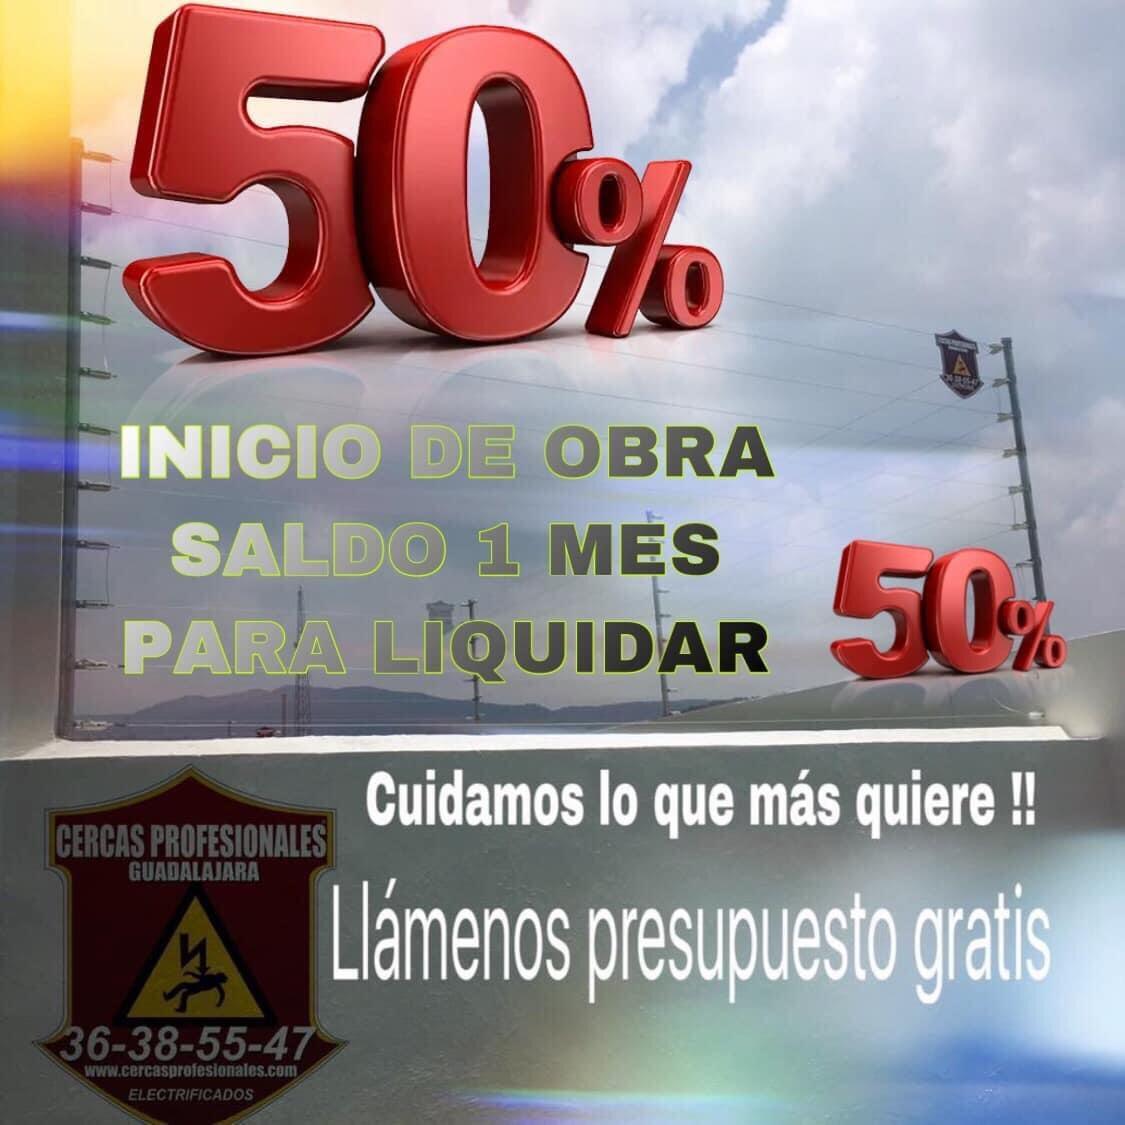 CERCAS PROFESIONALES GUADALAJARA-promoción